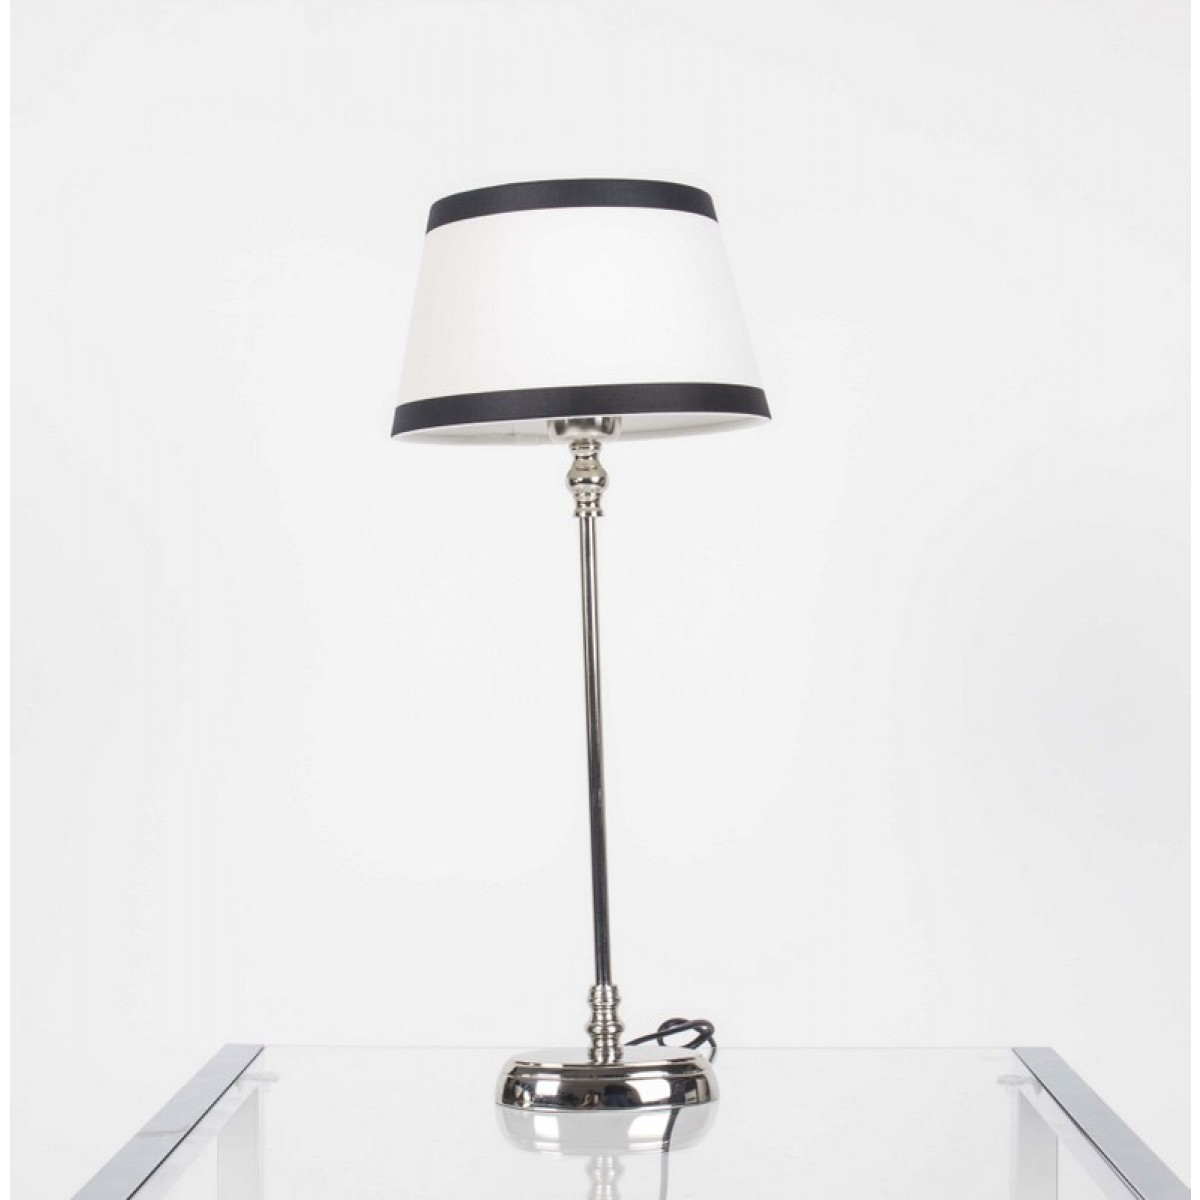 tischlampe mit lampenschirm wei schwarz tischlampe. Black Bedroom Furniture Sets. Home Design Ideas